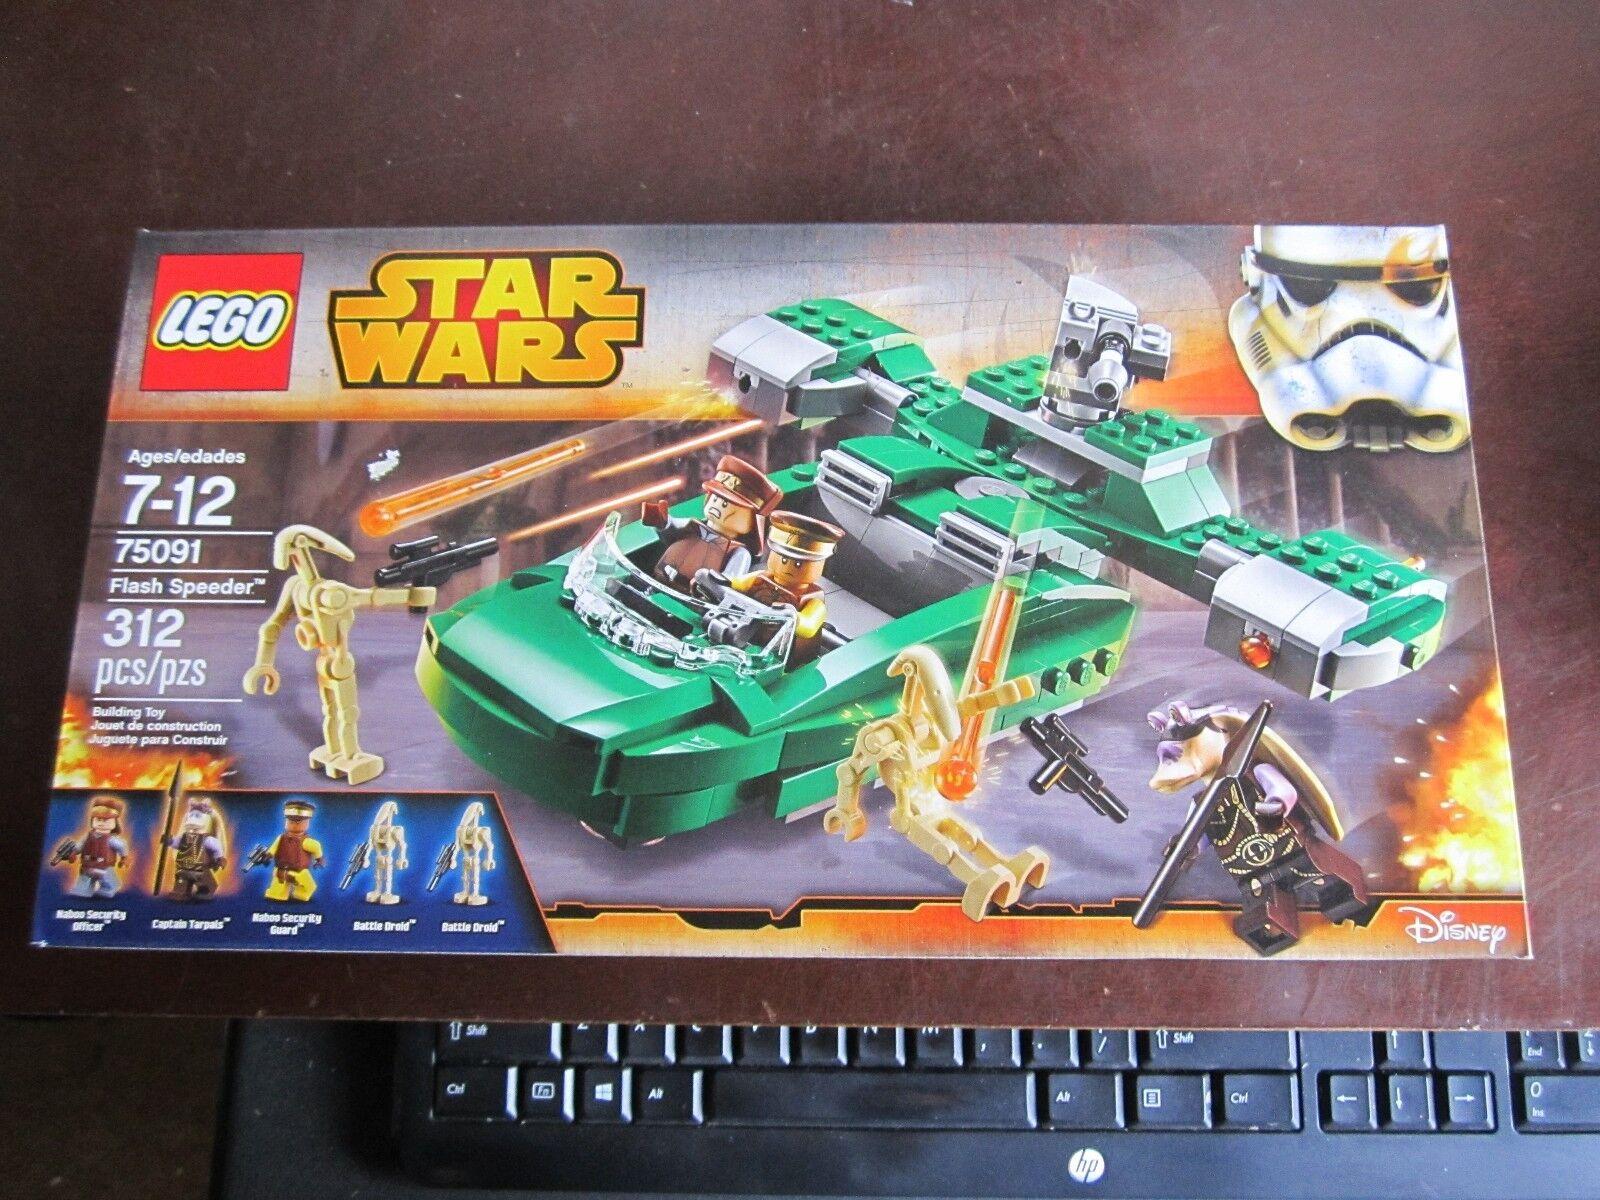 Lego star wars nouveau 75091 Flash Speeder chef Tarpals  Battle Droid 312 pcs  parfait